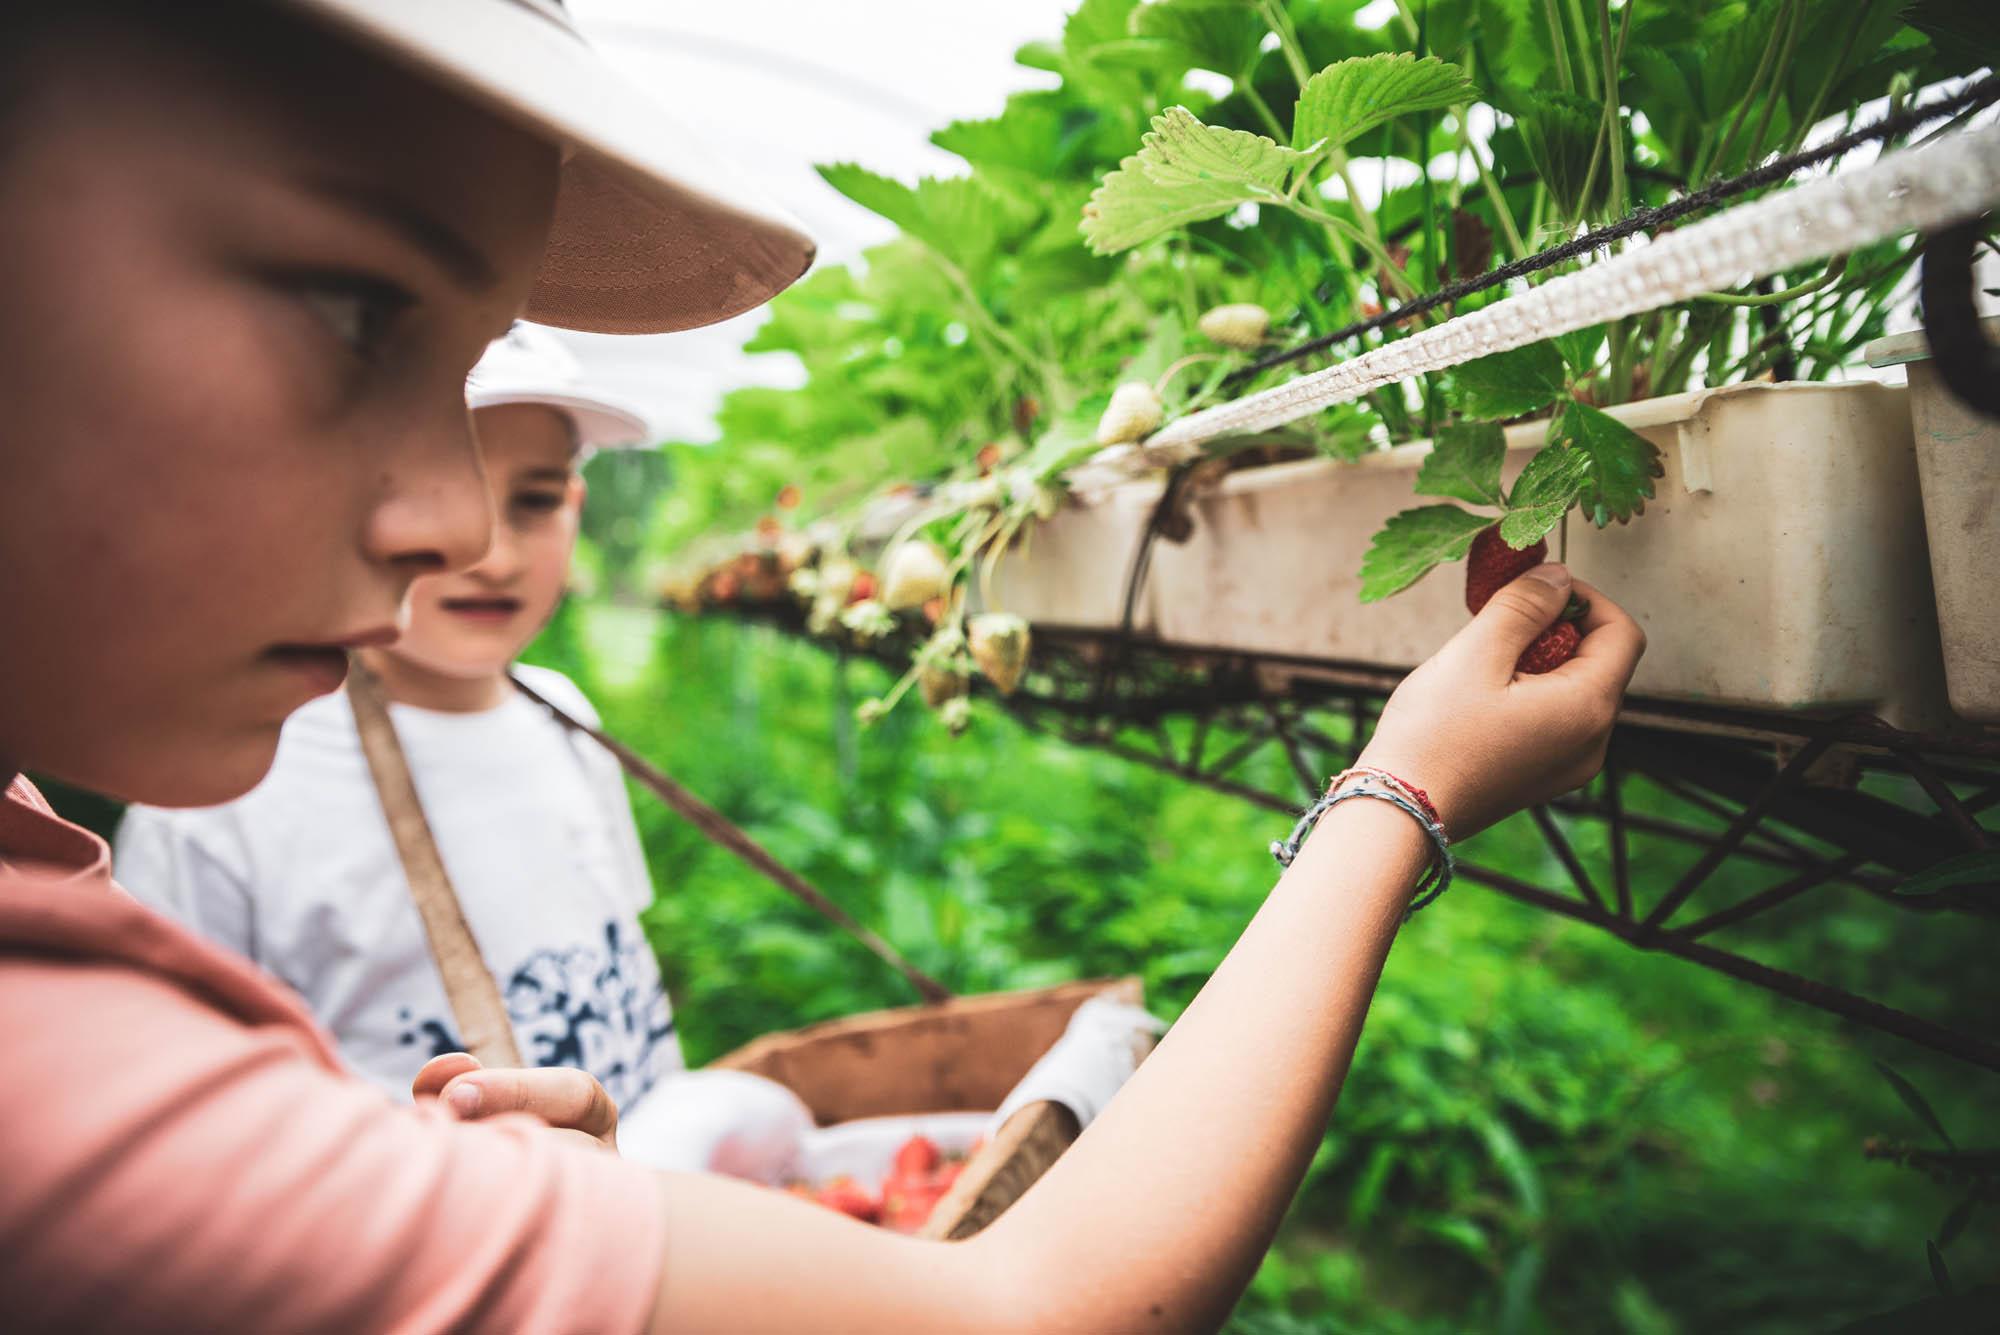 L'accurata raccolta dei piccoli frutti nelle serre dell'Agritur Dalaip dei Pape